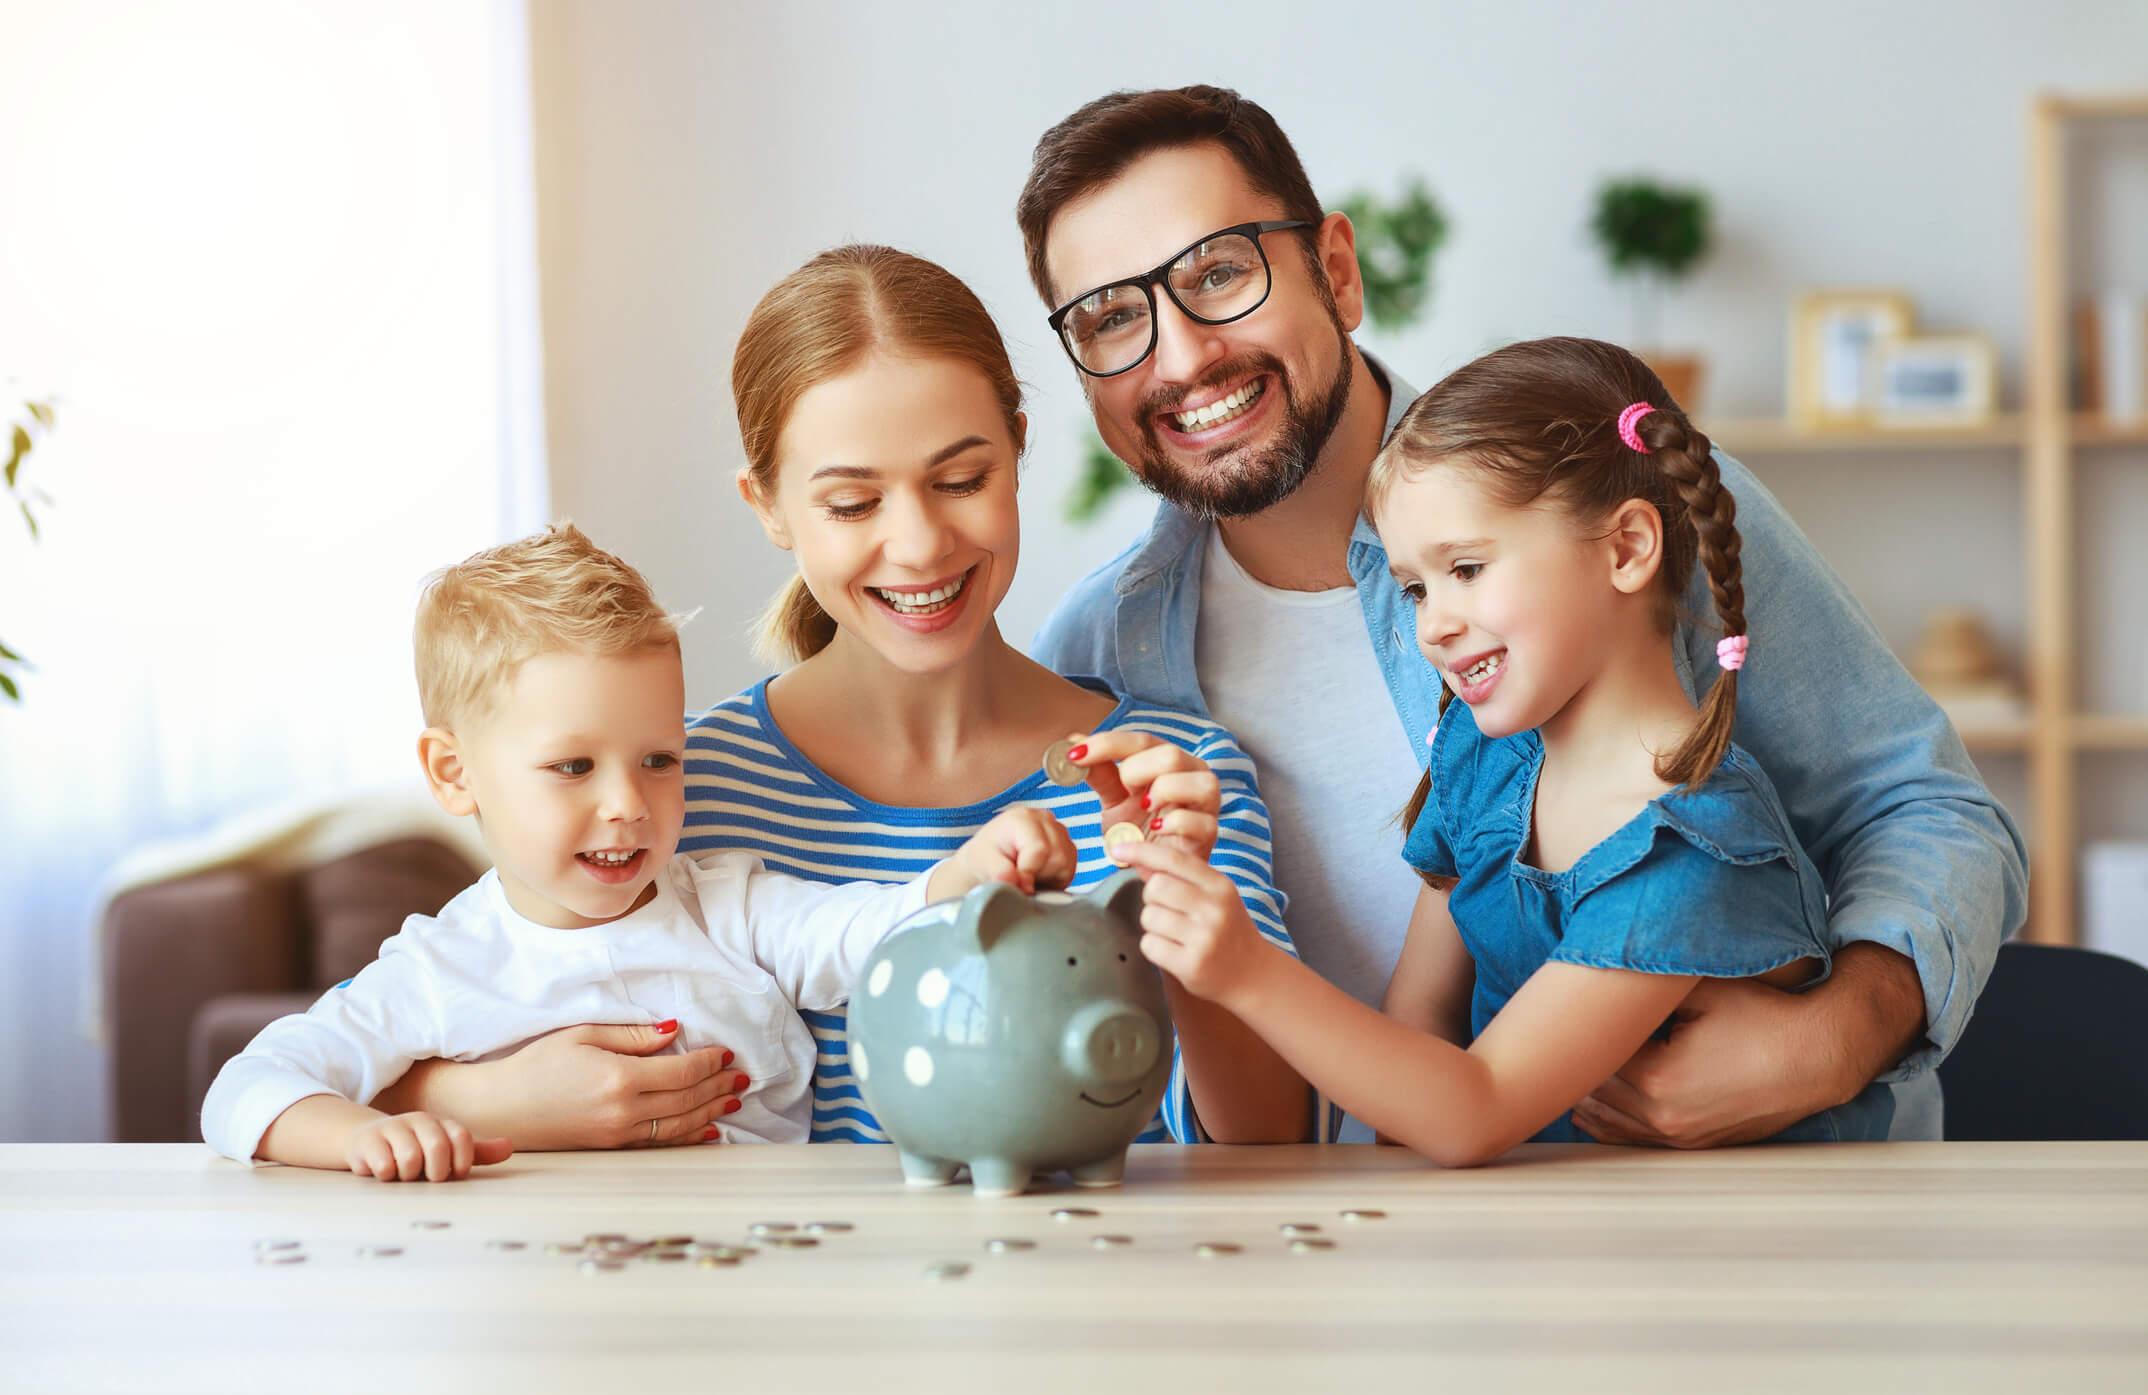 השוואת קופות גמל חיסכון לכל ילד (1)